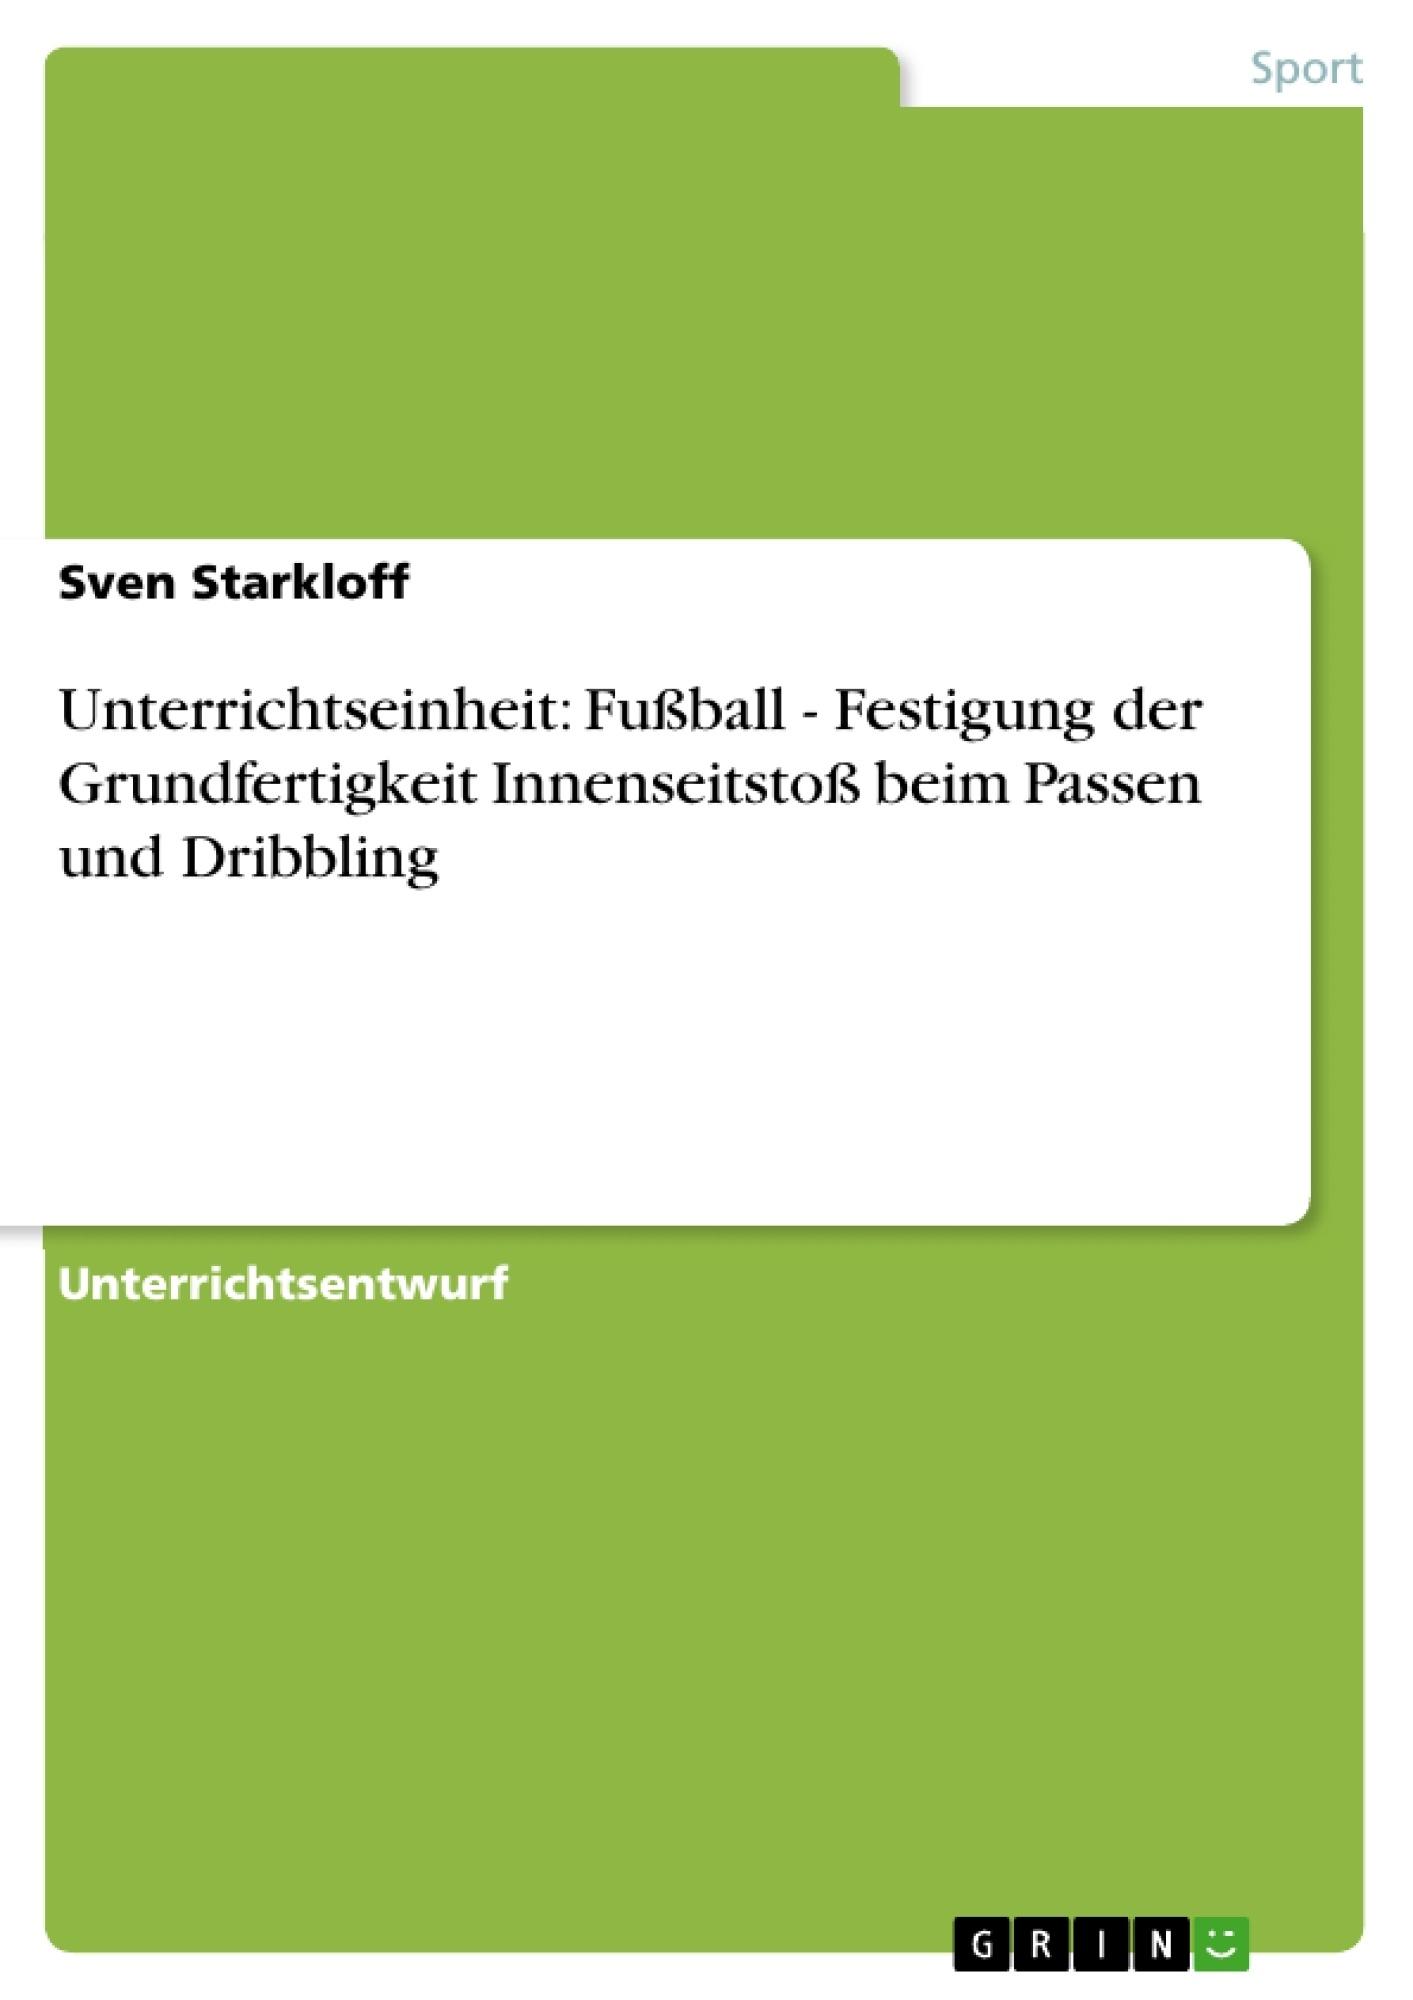 Titel: Unterrichtseinheit: Fußball - Festigung der Grundfertigkeit Innenseitstoß beim Passen und Dribbling